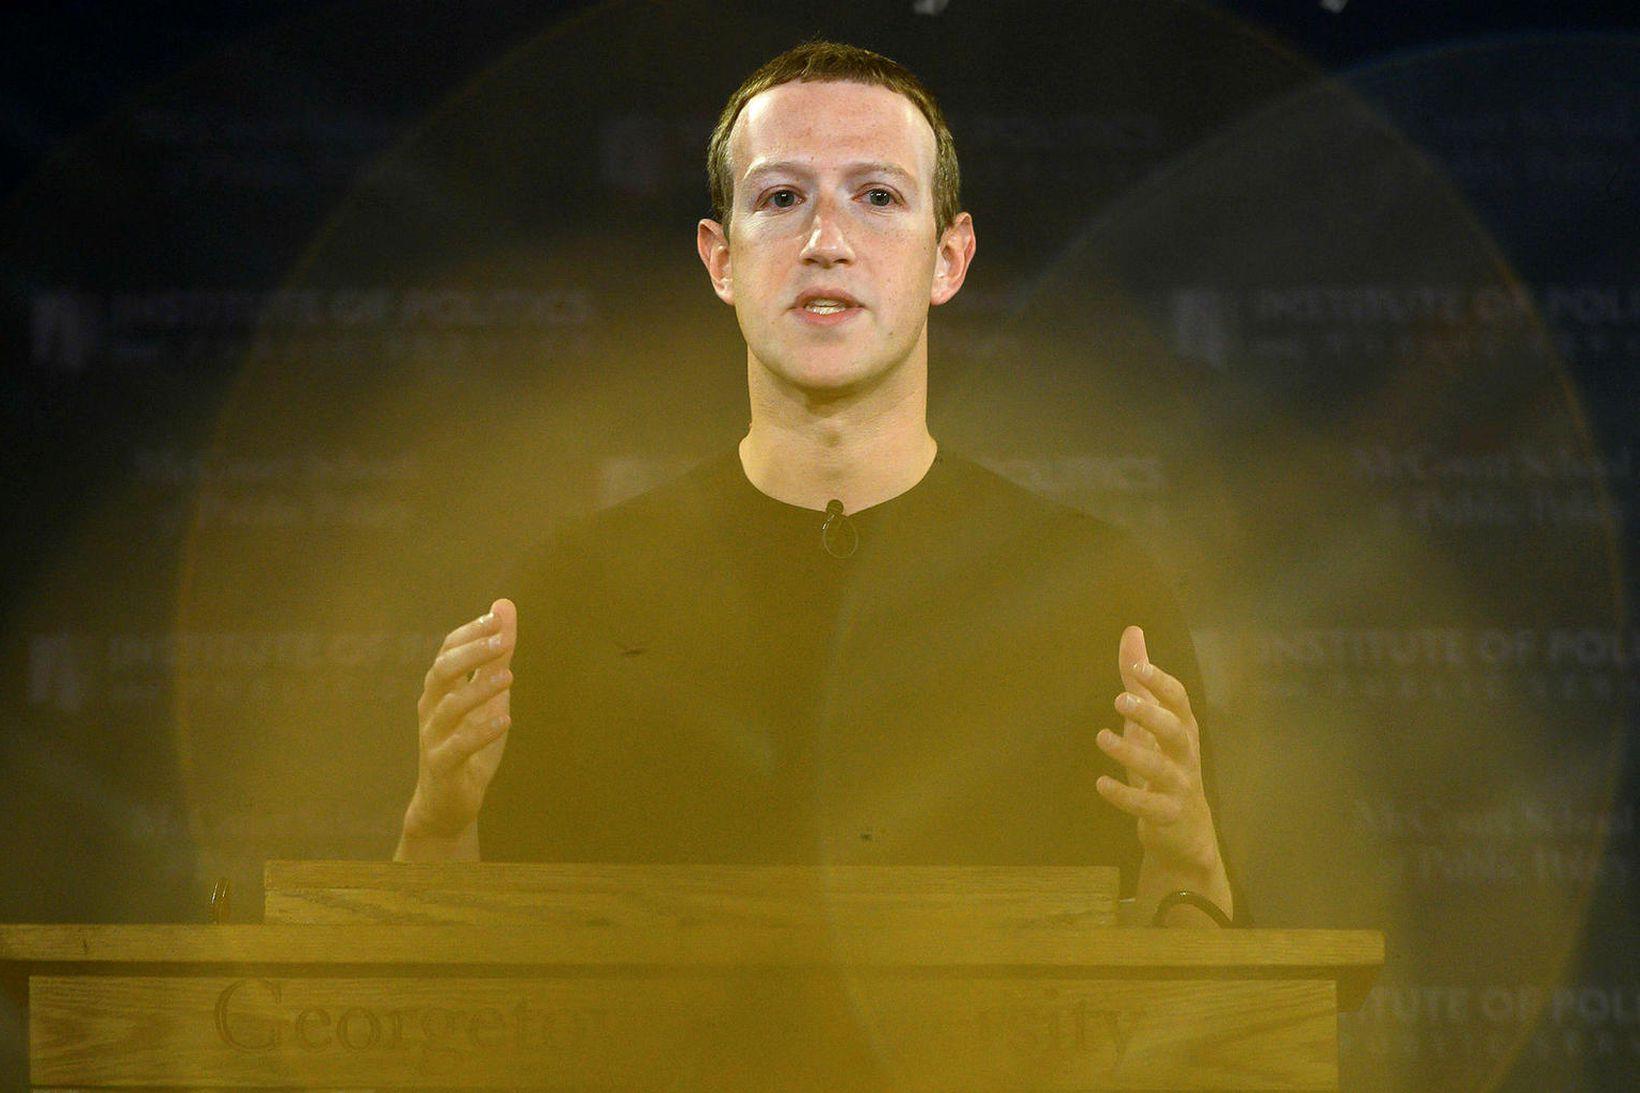 Mark Zuckerberg flytur fyrirlestur í háskóla árið 2019.